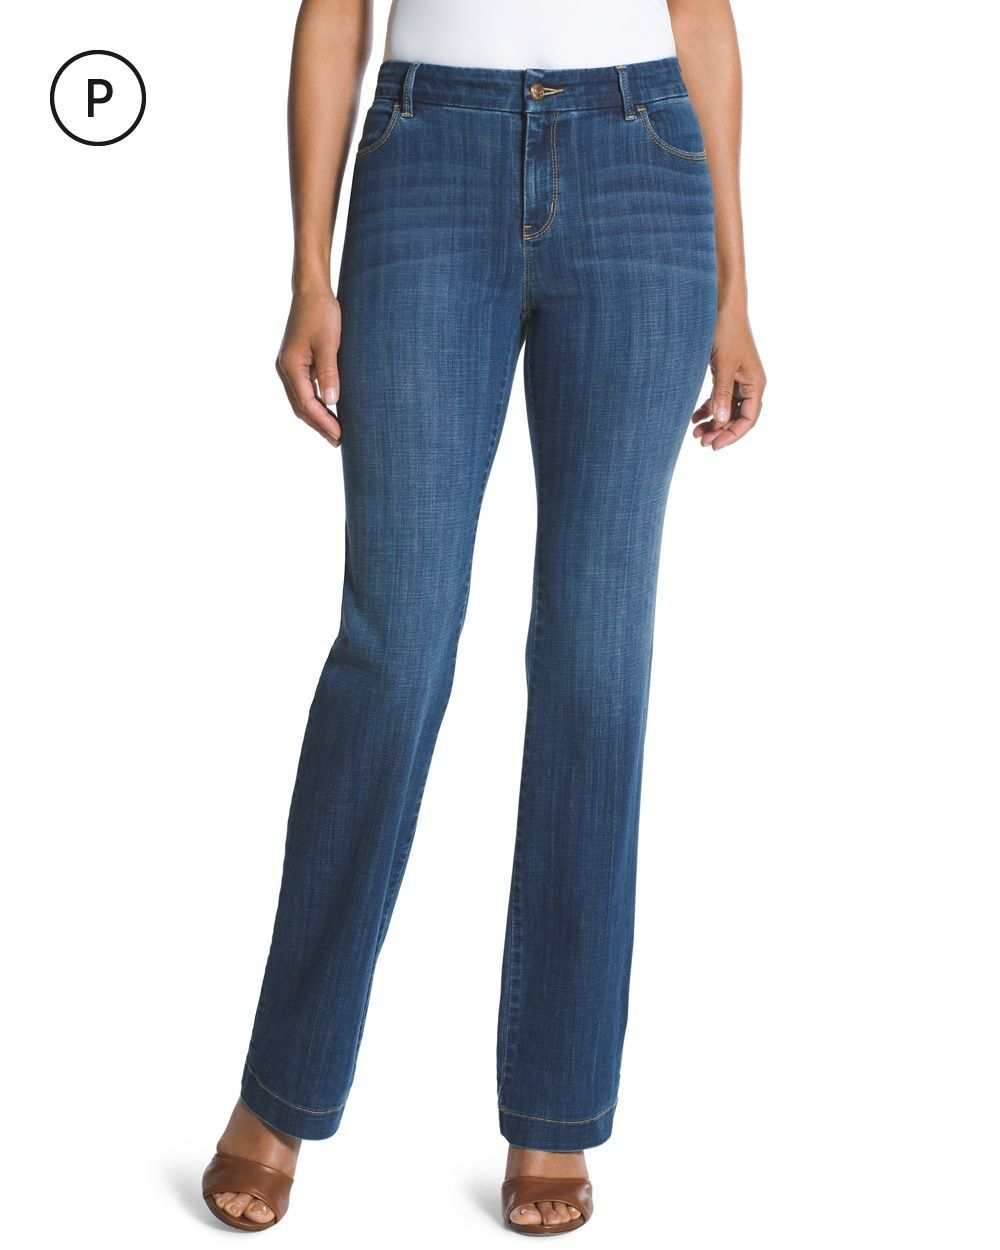 Chico's Women's Platinum Petite Trouser Jeans - Broek jeans, Jeans ...